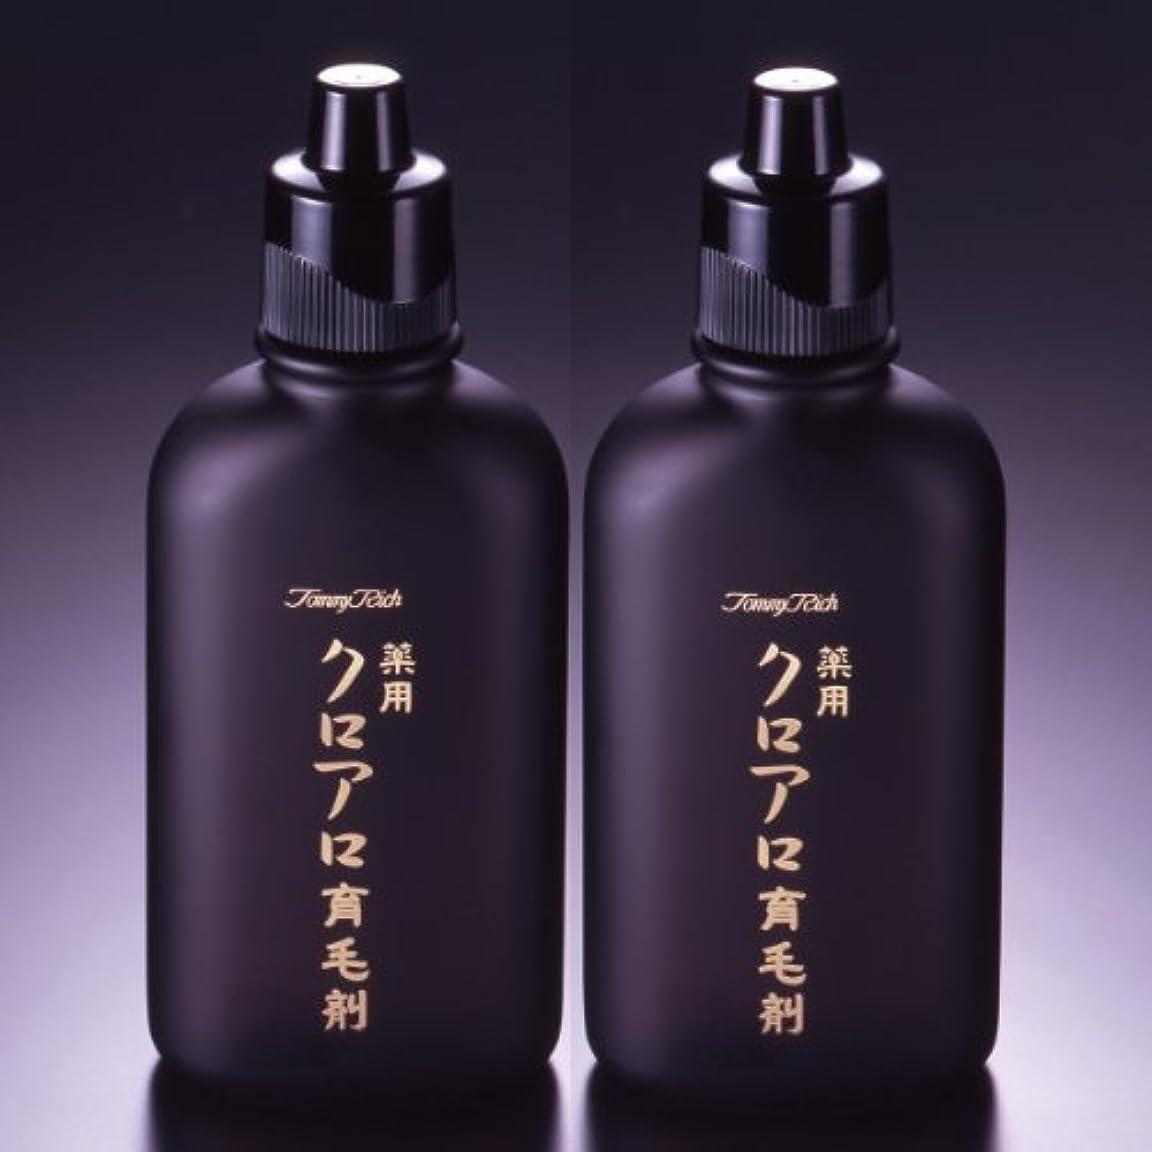 黒アロエの薬用効果で、毛根がよみがえって髪がふさふさになる『薬用クロアロ育毛剤2本組』